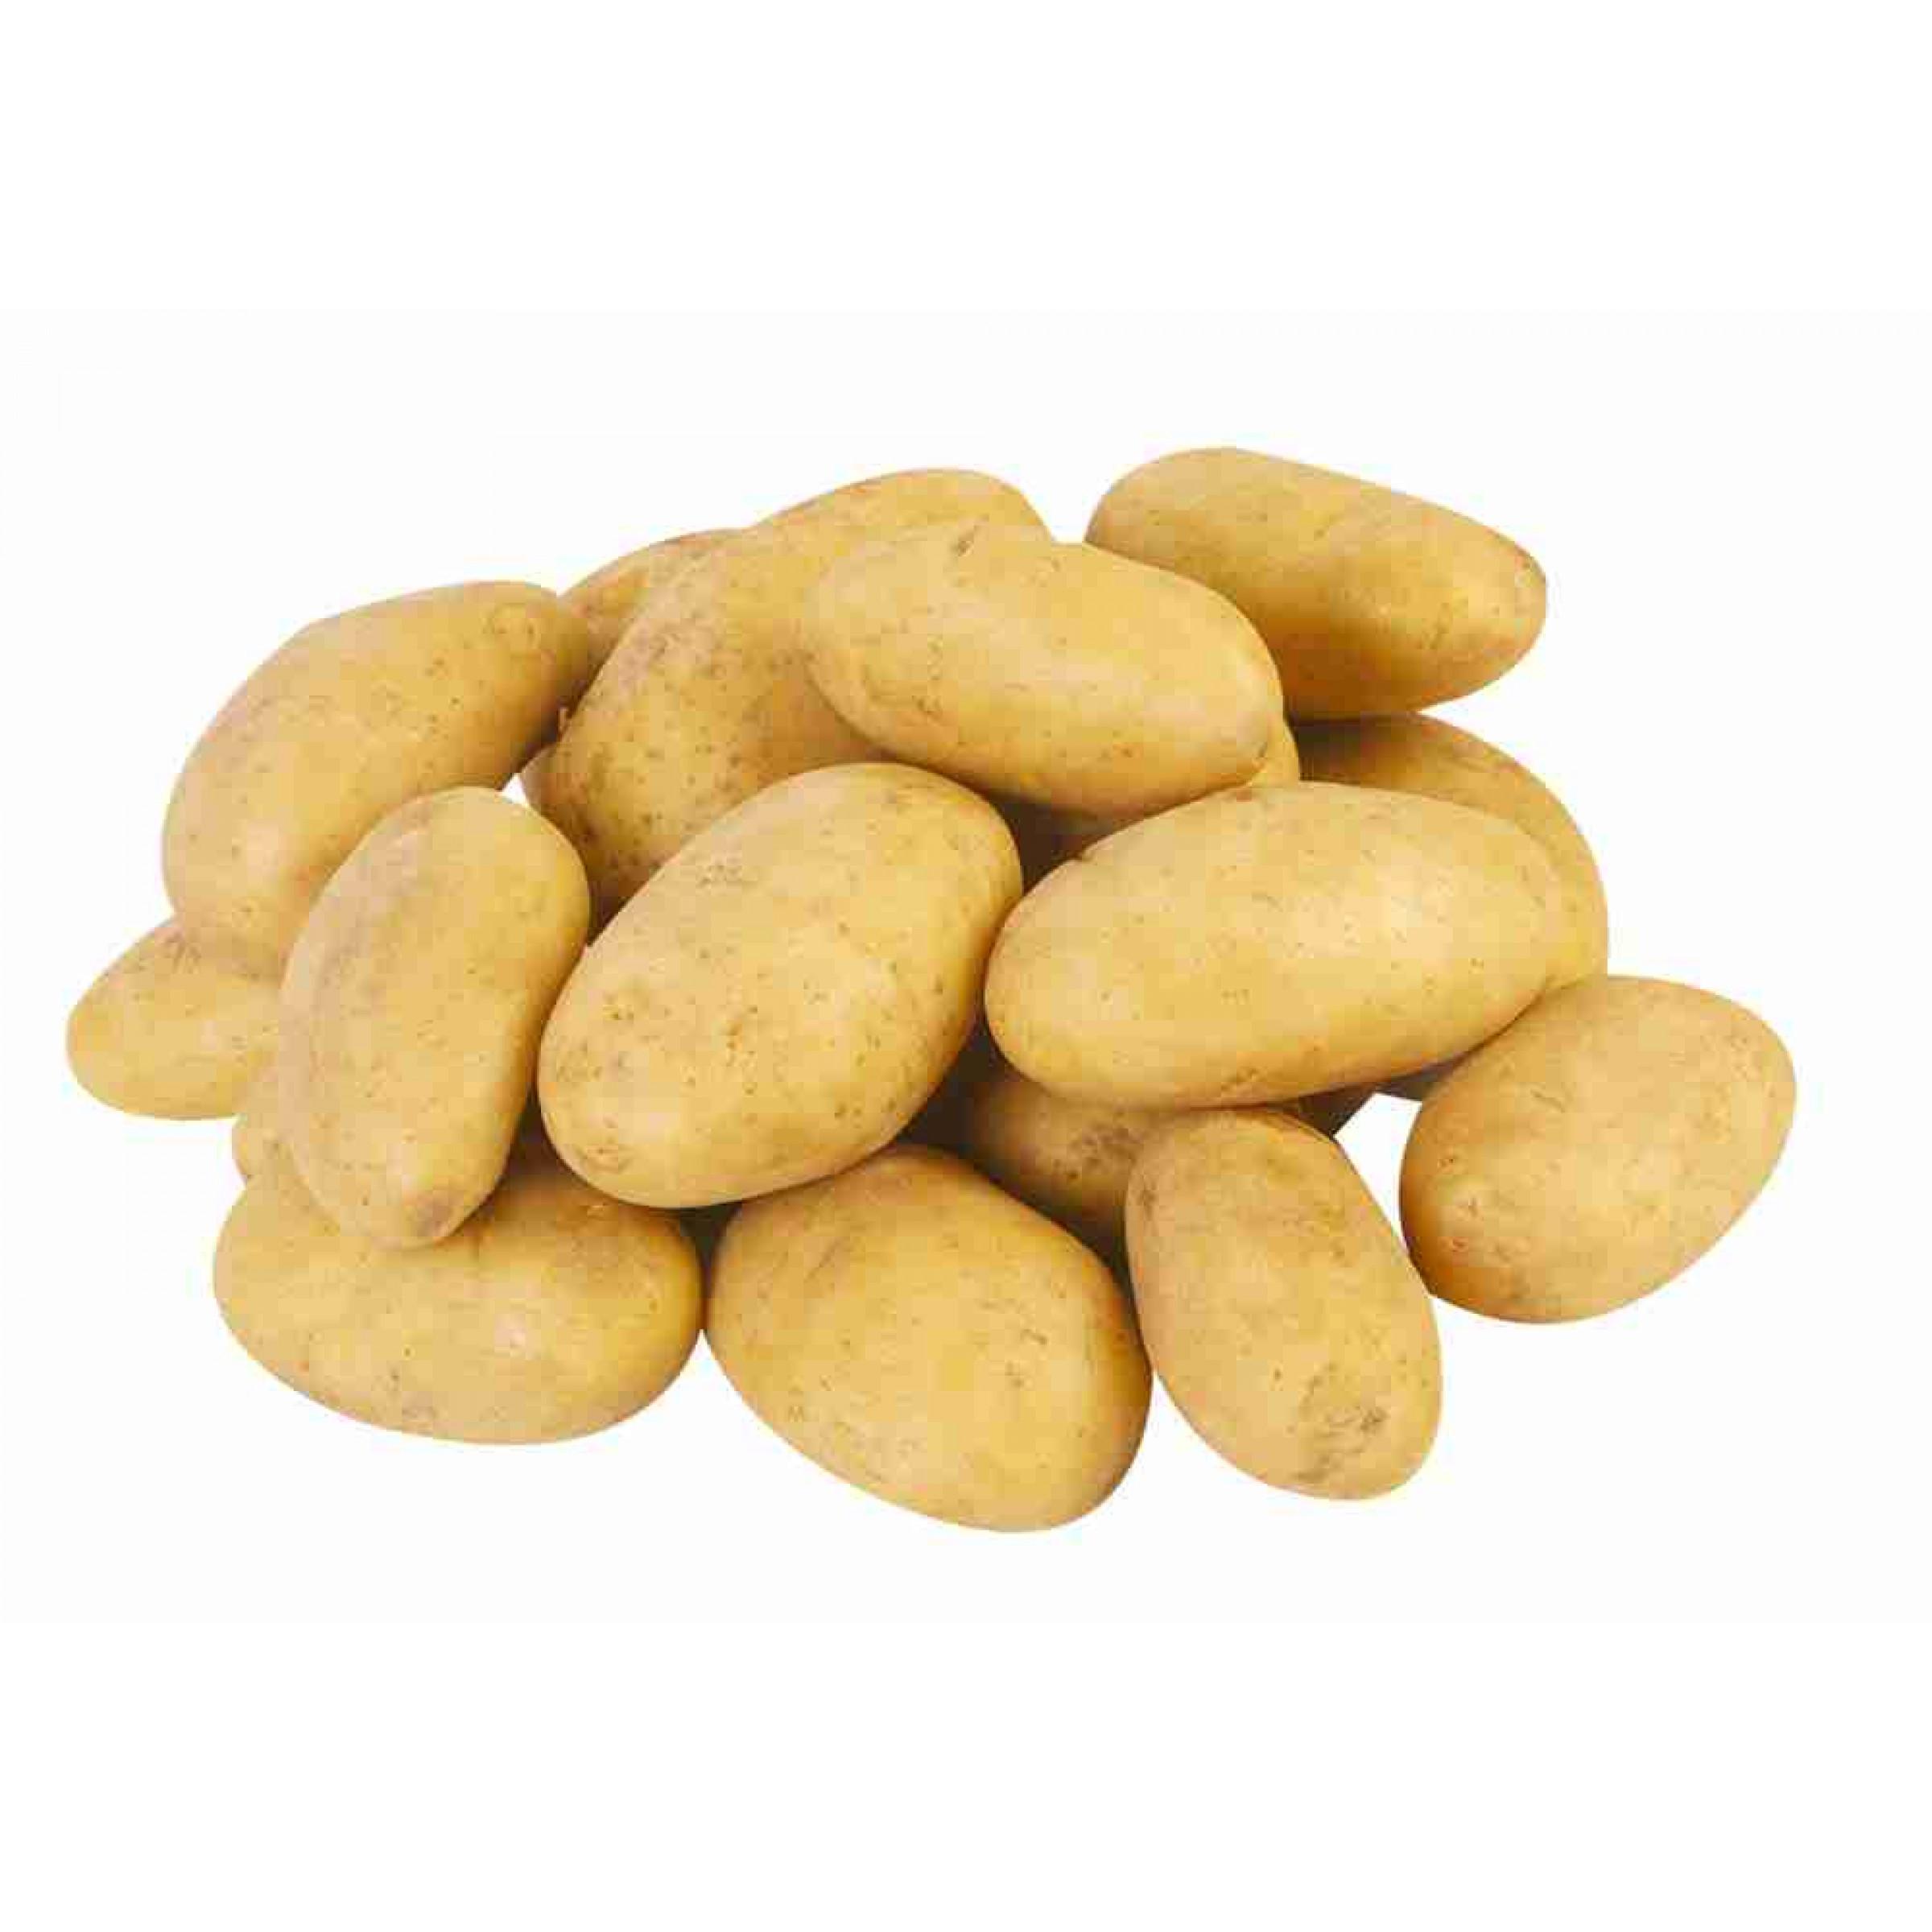 Картофель молодой весовой Египет, средний вес 1, 2 кг